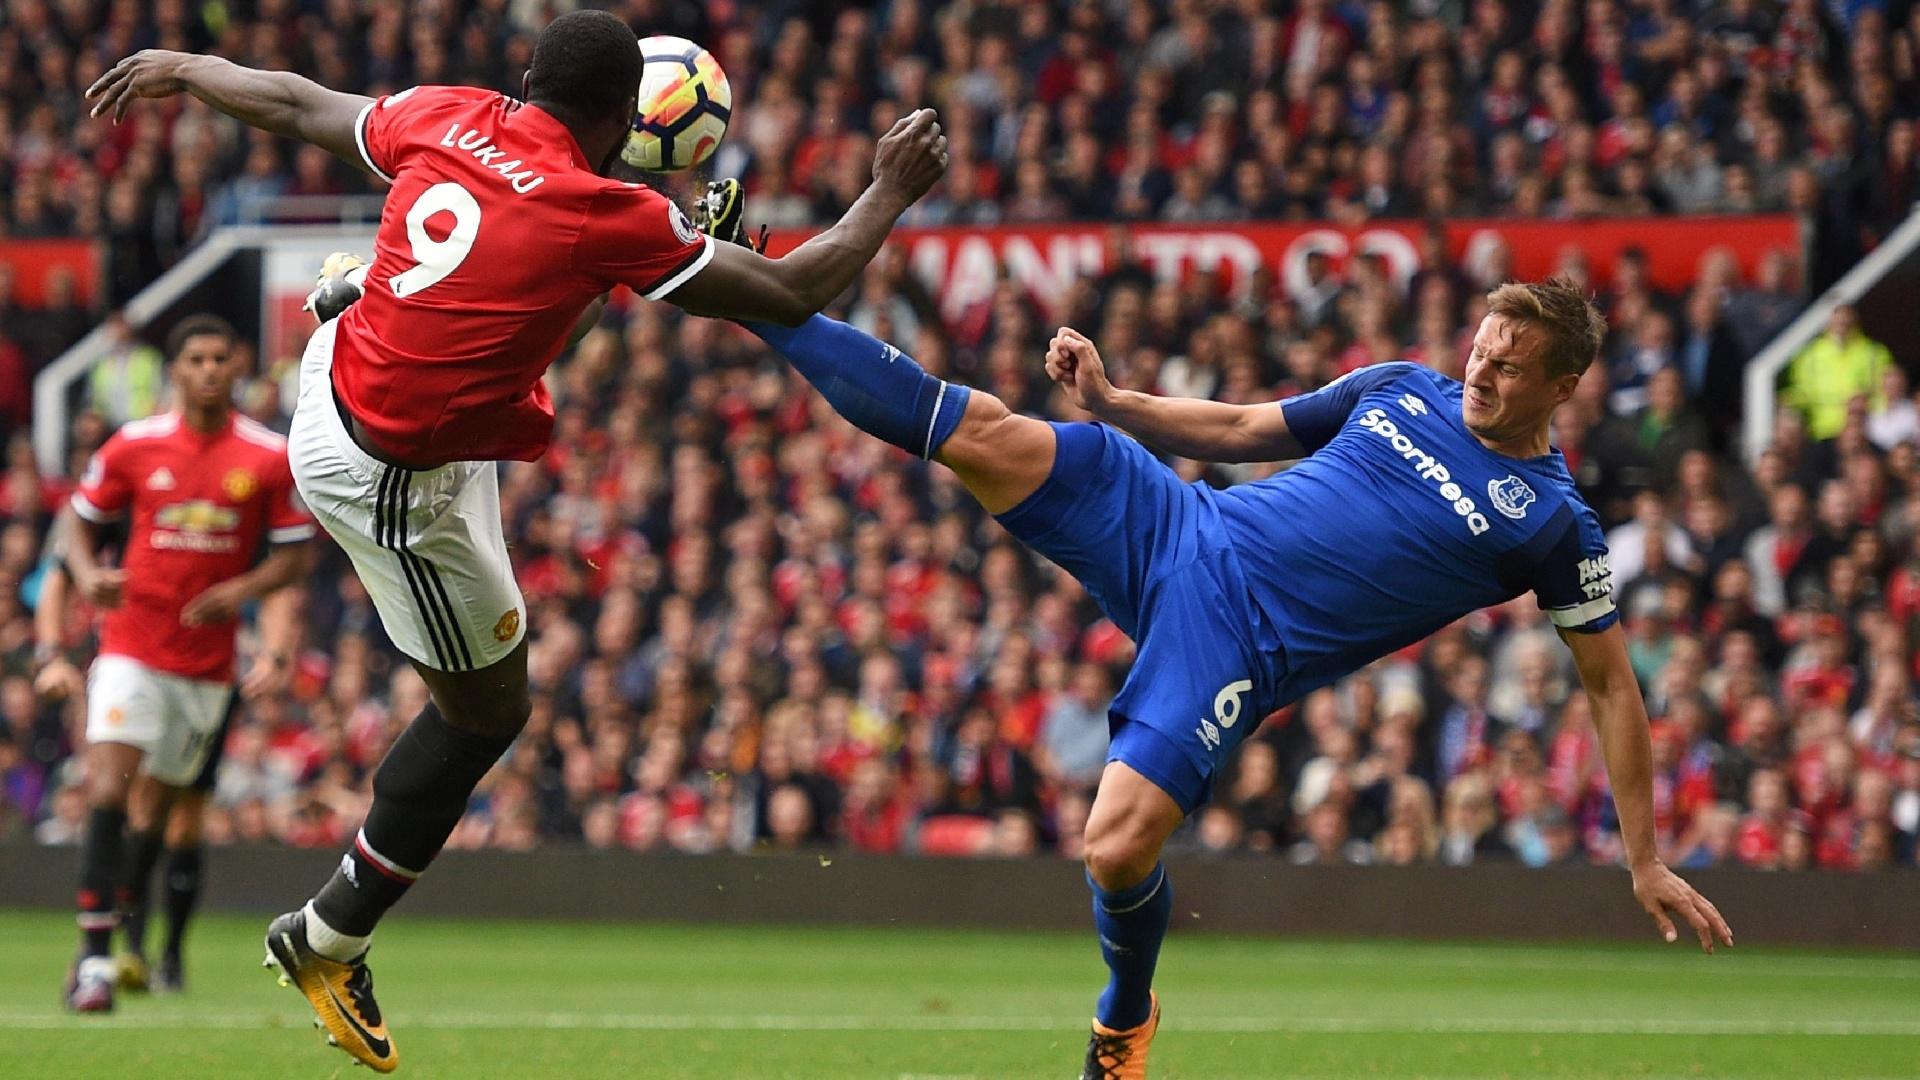 Lukaku, do Manchester United, disputa bola com Jagielka, do Everton